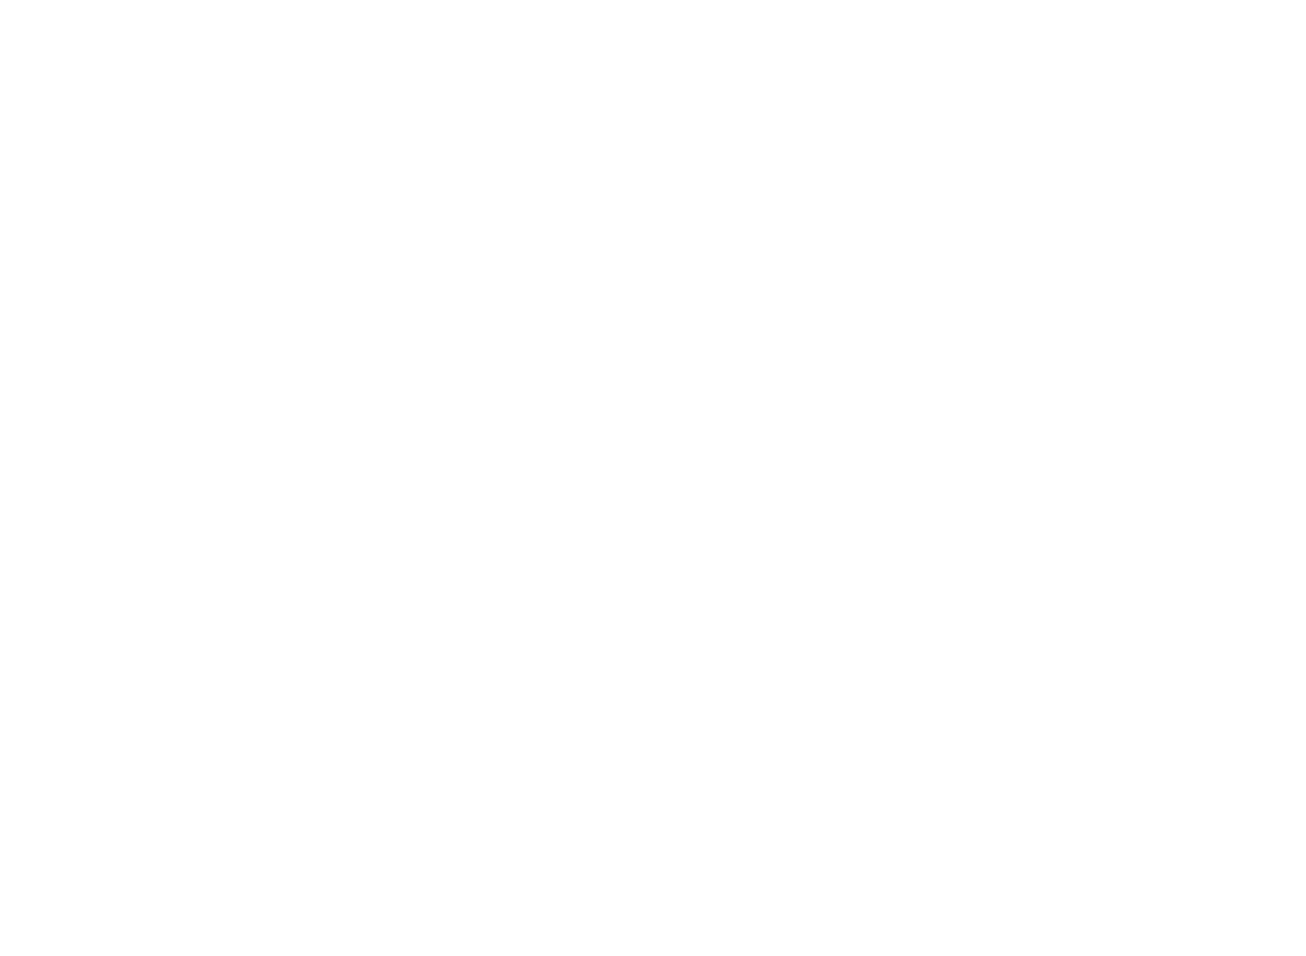 NOUVEAUX REGARDS - laurier 2018-91241_white.png